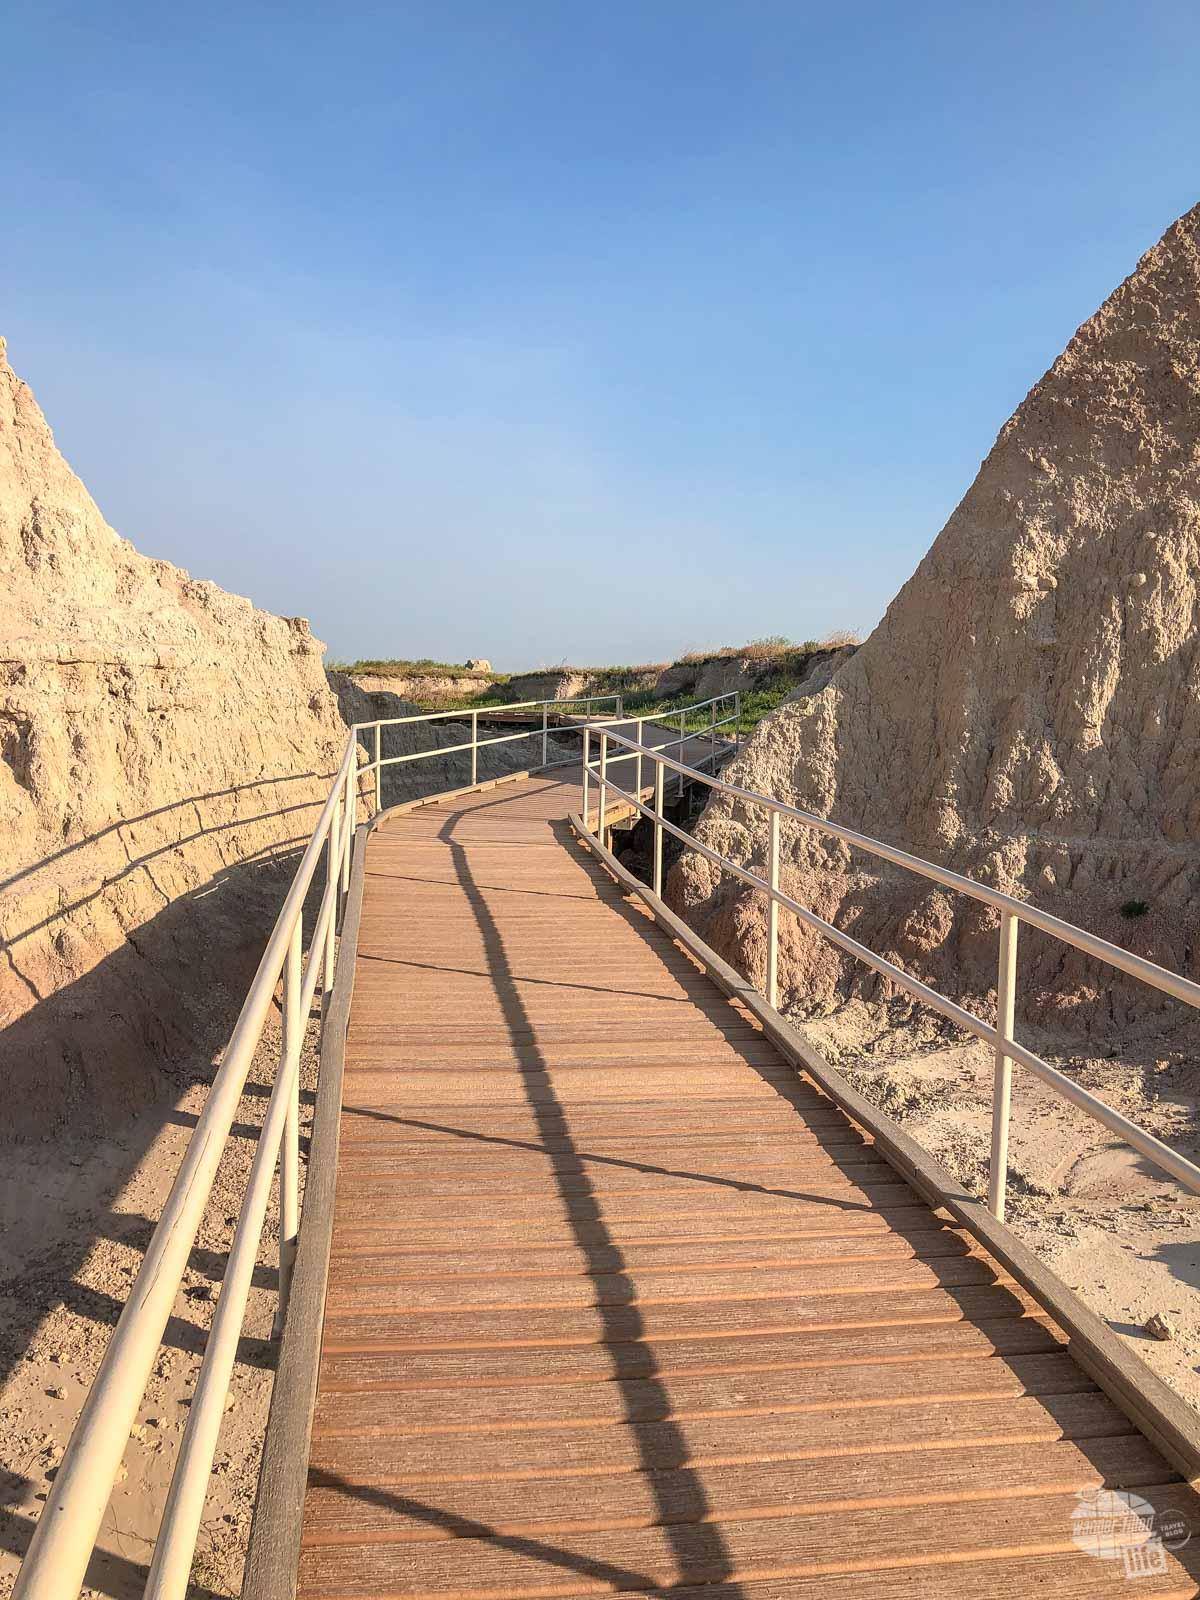 A boardwalk leading through a gap in the Badlands Wall.